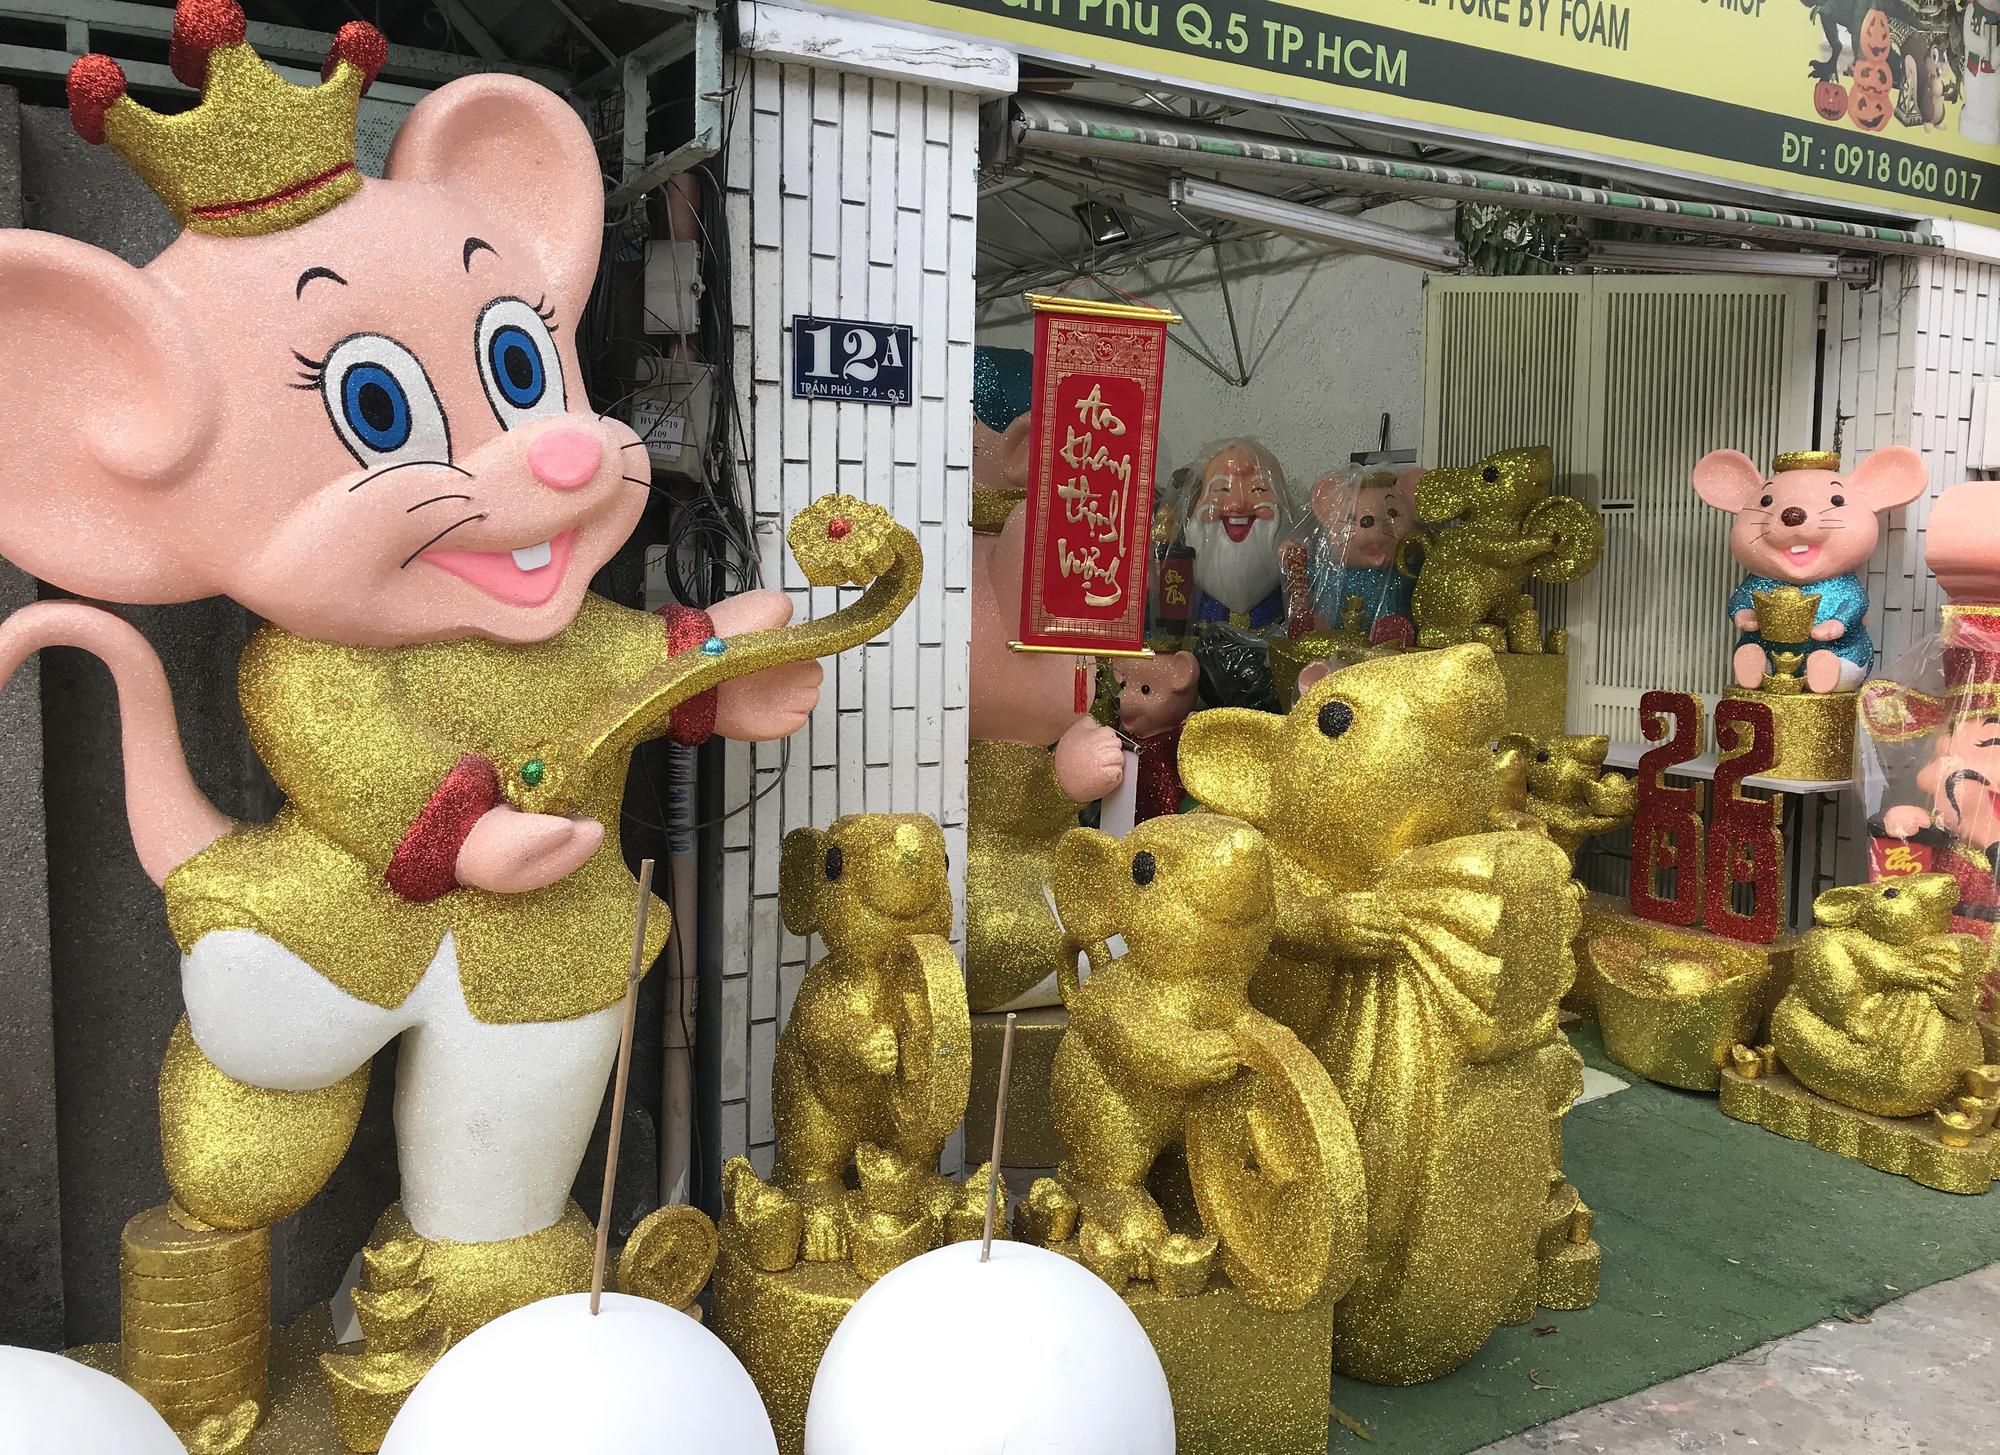 Chuột khổng lồ Tết Canh Tí chục triệu đồng ở Sài Gòn - Ảnh 2.